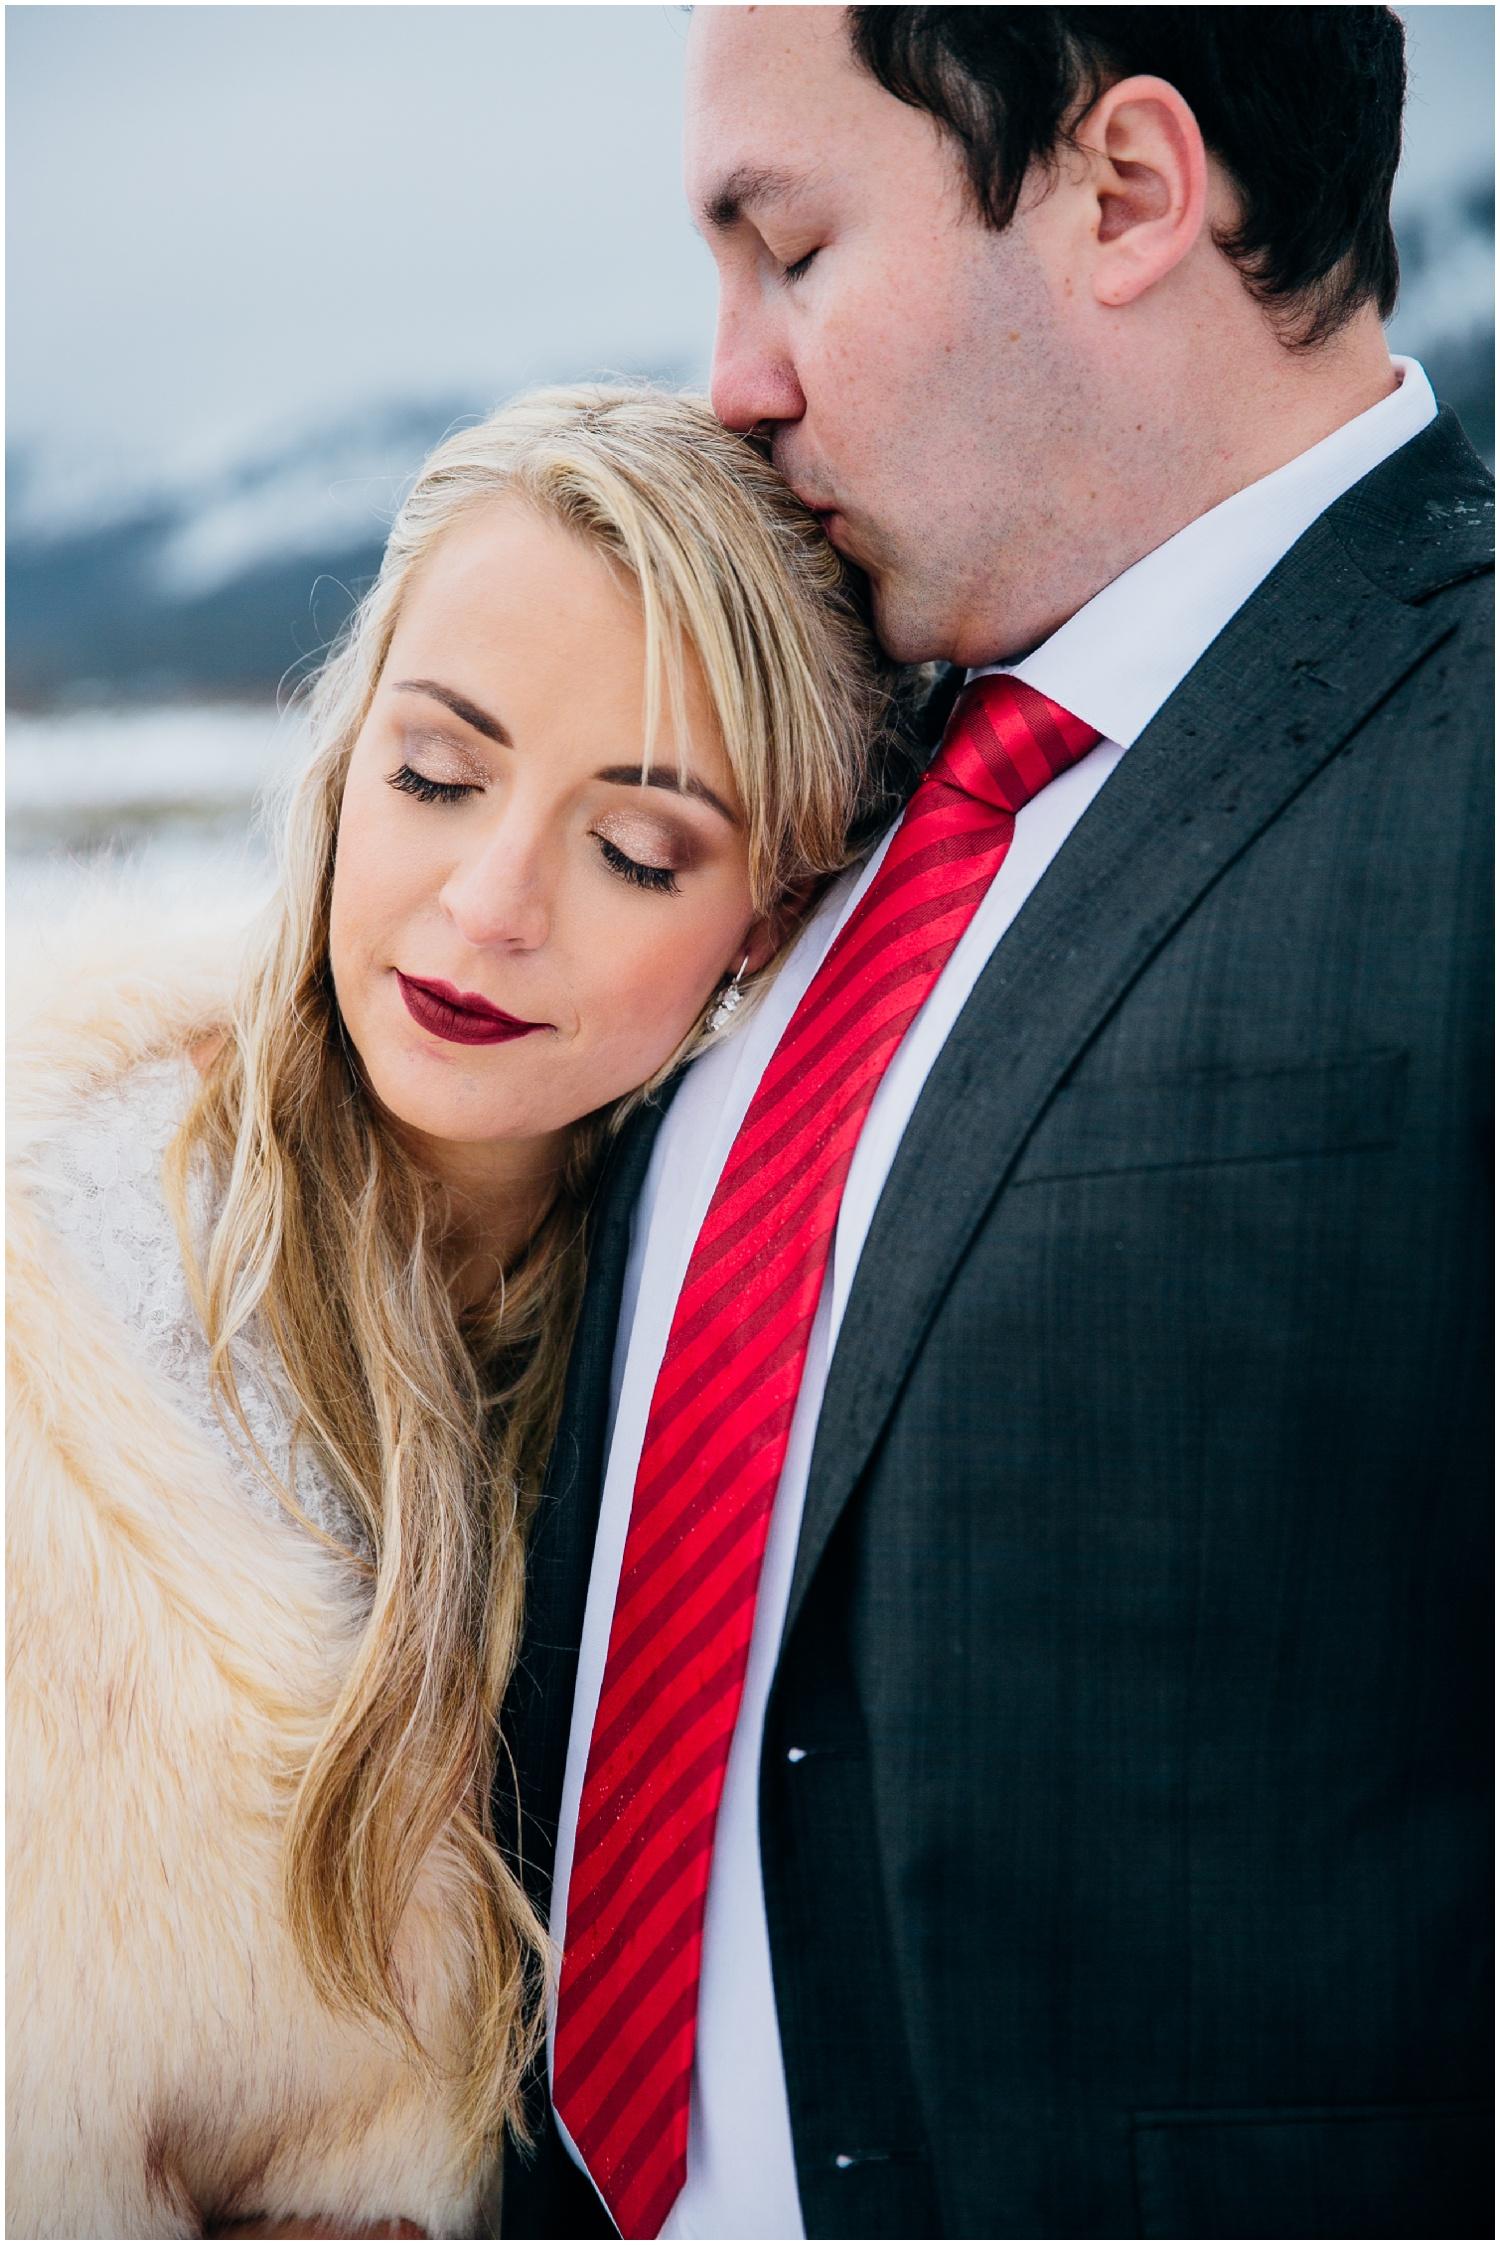 idaho-adventure-photographer-idaho-falls-engagements-wyoming-engagements-colorado-wyoming-wedding-photographer_1045.jpg